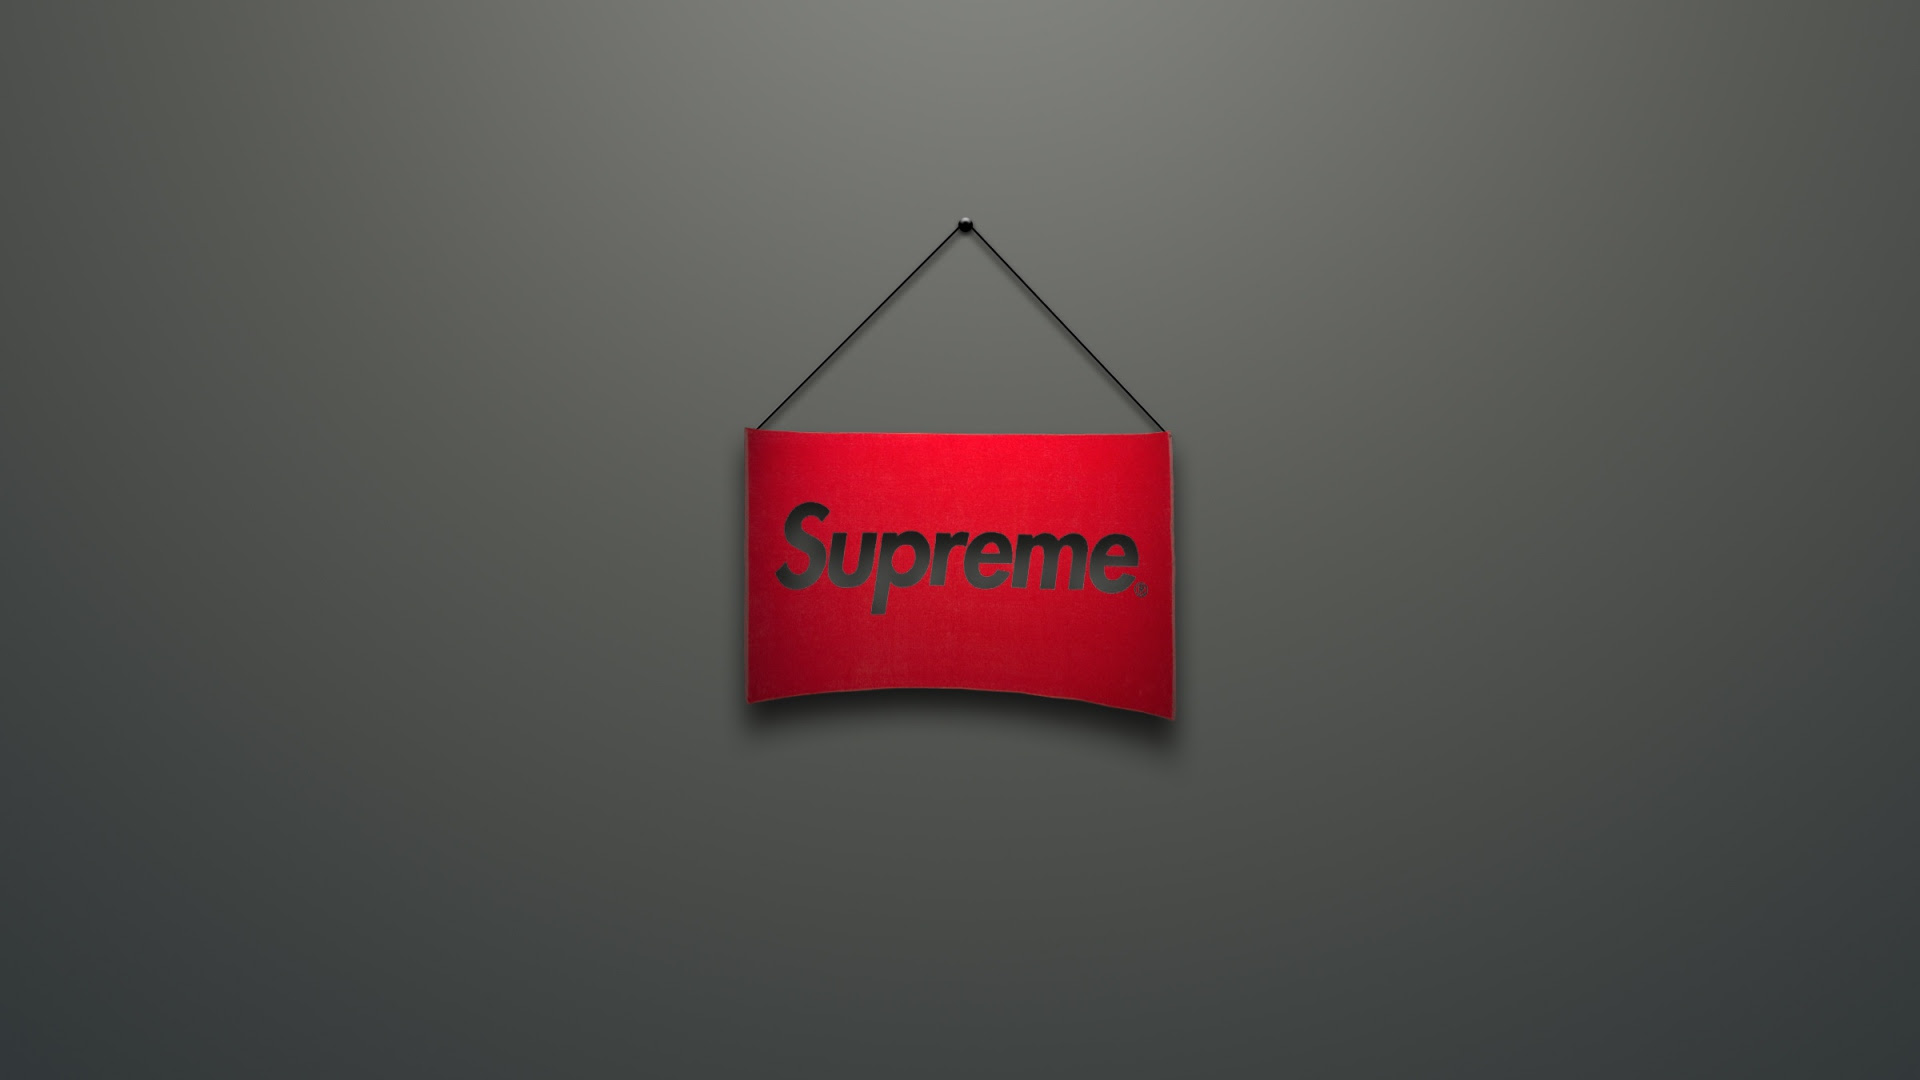 Supreme Full 4K Wallpapers - WallpaperSafari